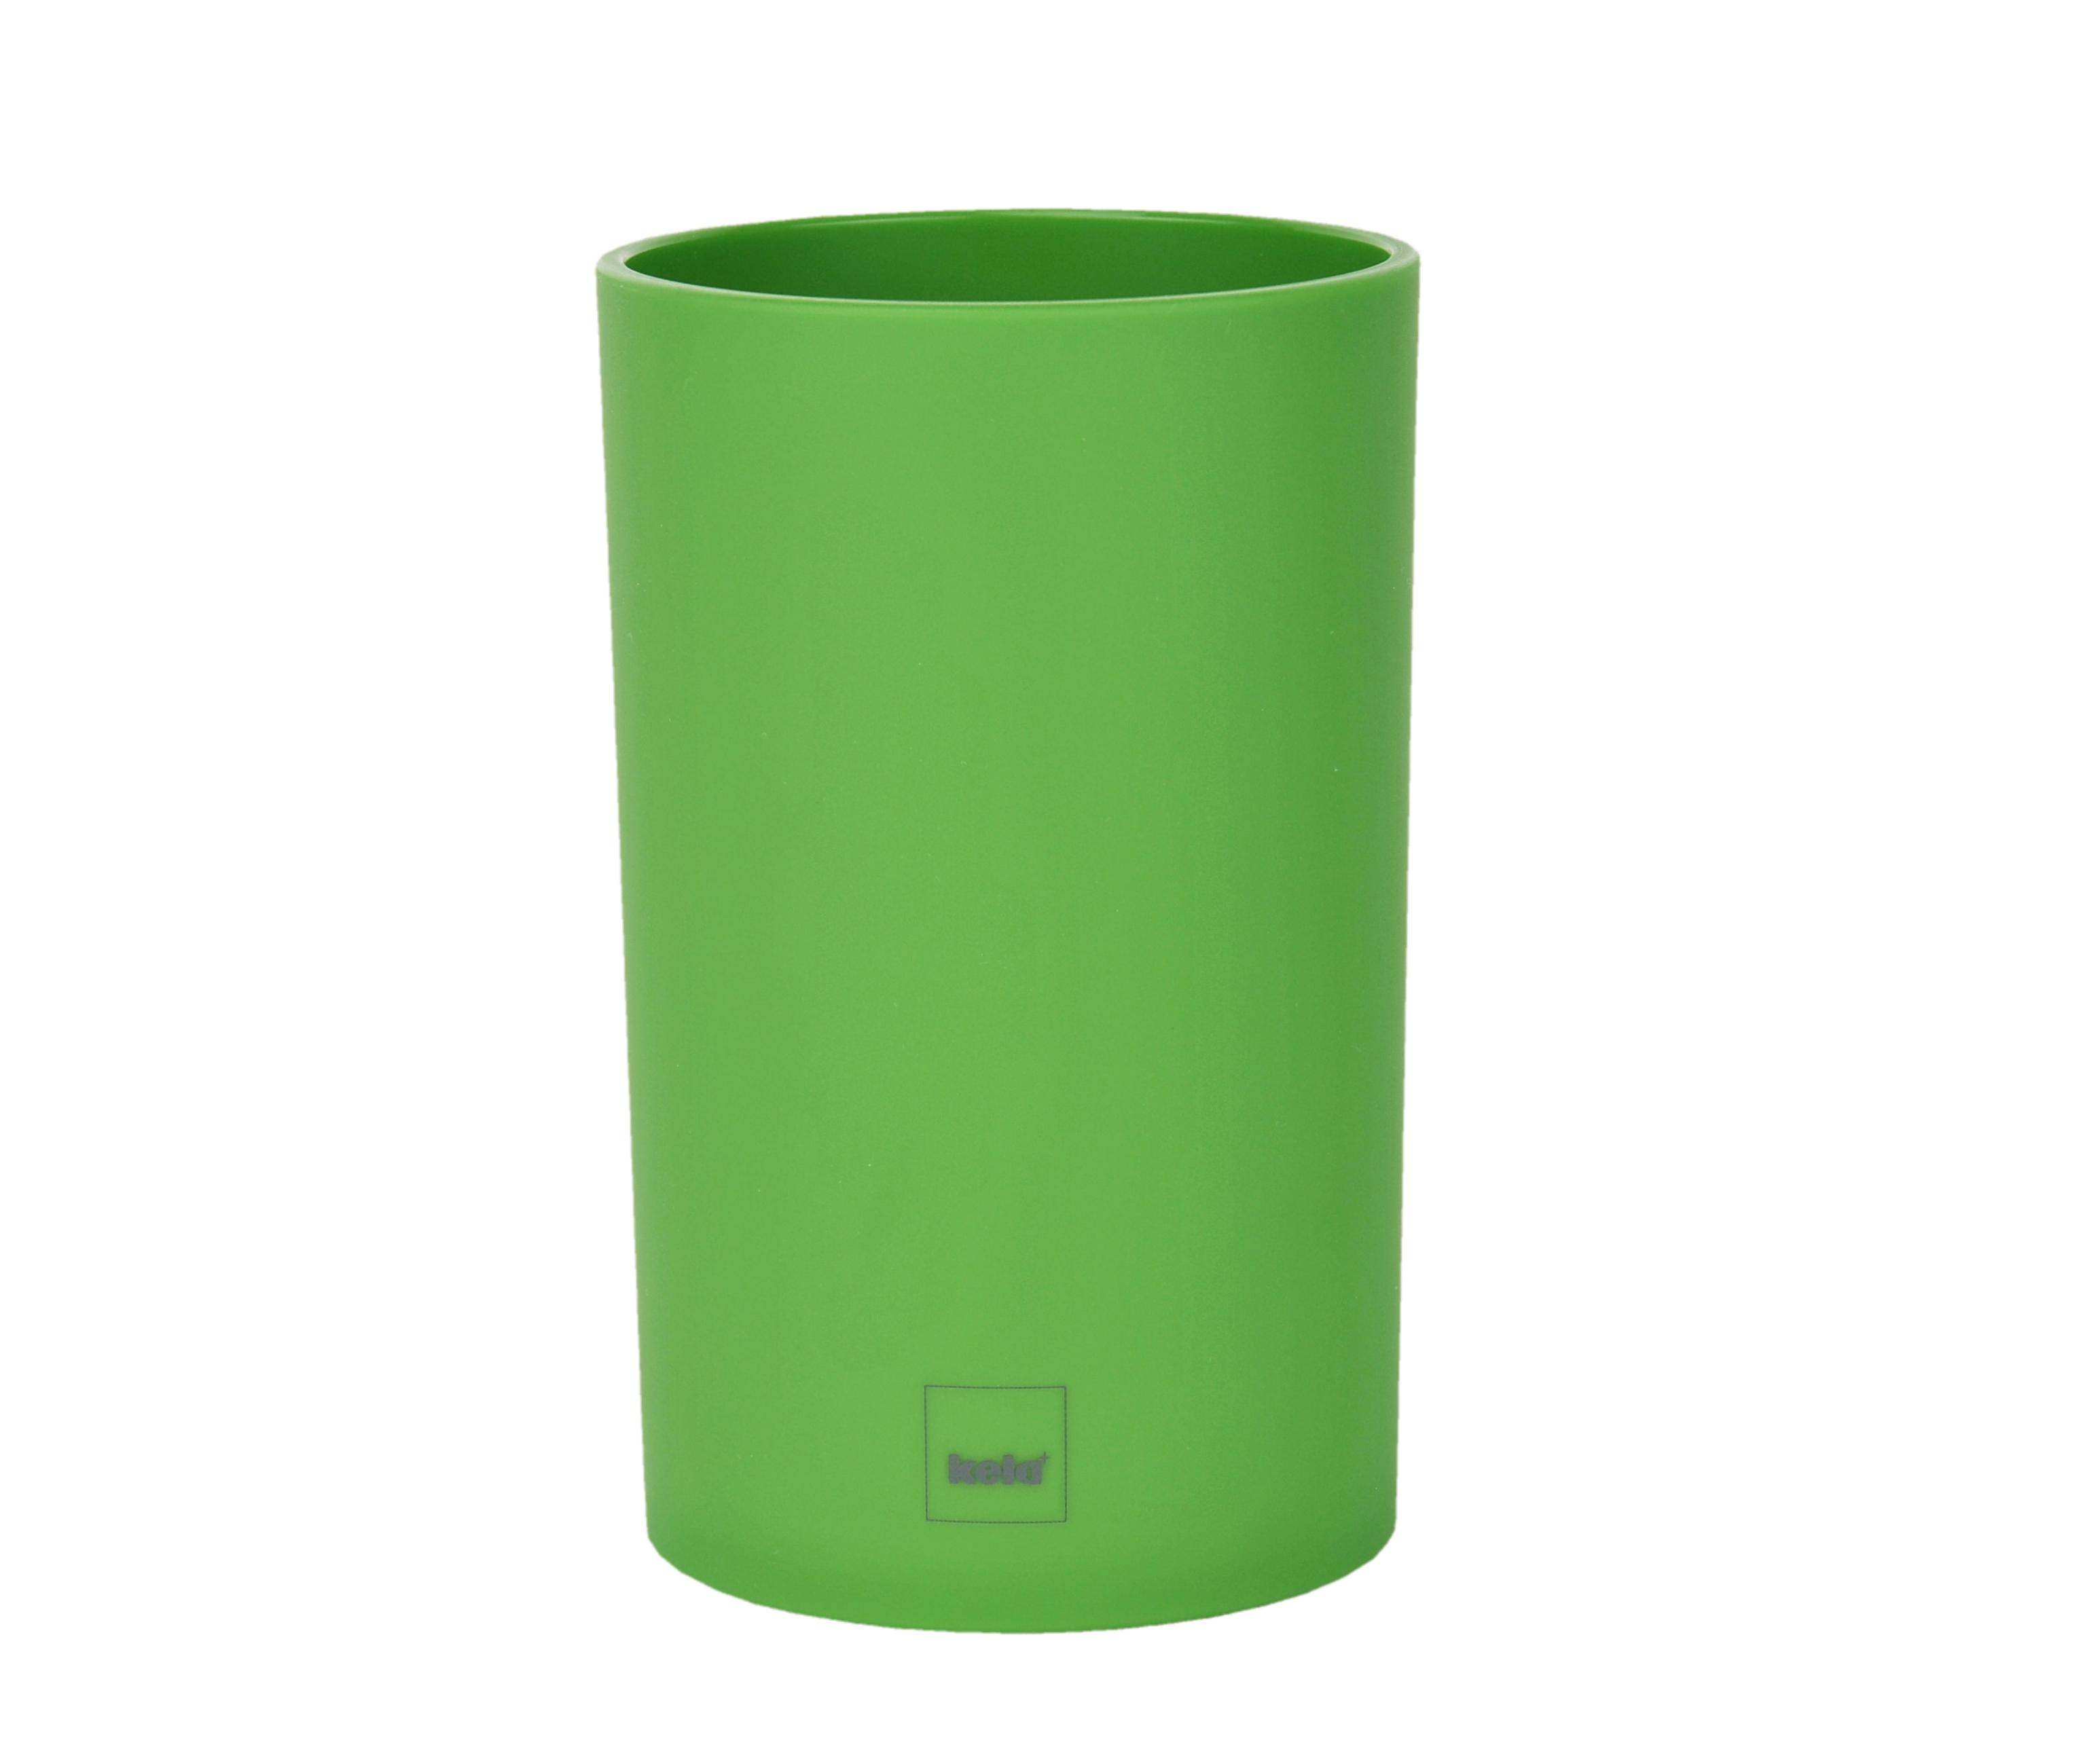 badezimmer set apple gr n wc garnitur seifenspender zahnputzbecher klob rste ebay. Black Bedroom Furniture Sets. Home Design Ideas